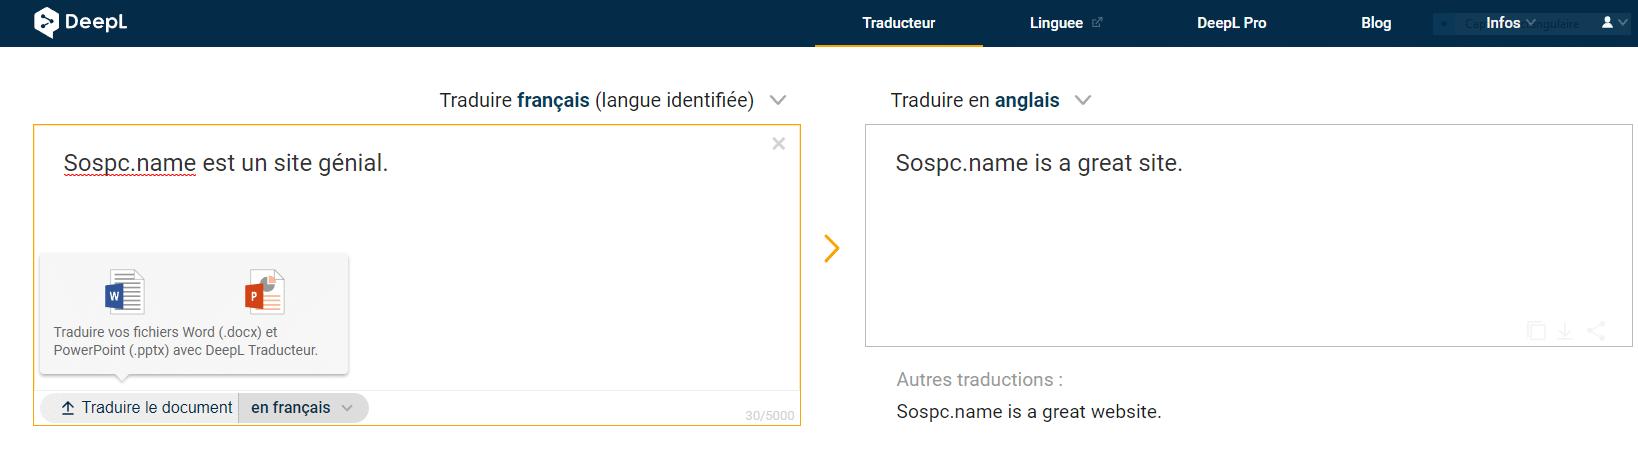 DeepL peut traduire en ligne des documents Word ( .docx ) et Powerpoint ( .pptx )